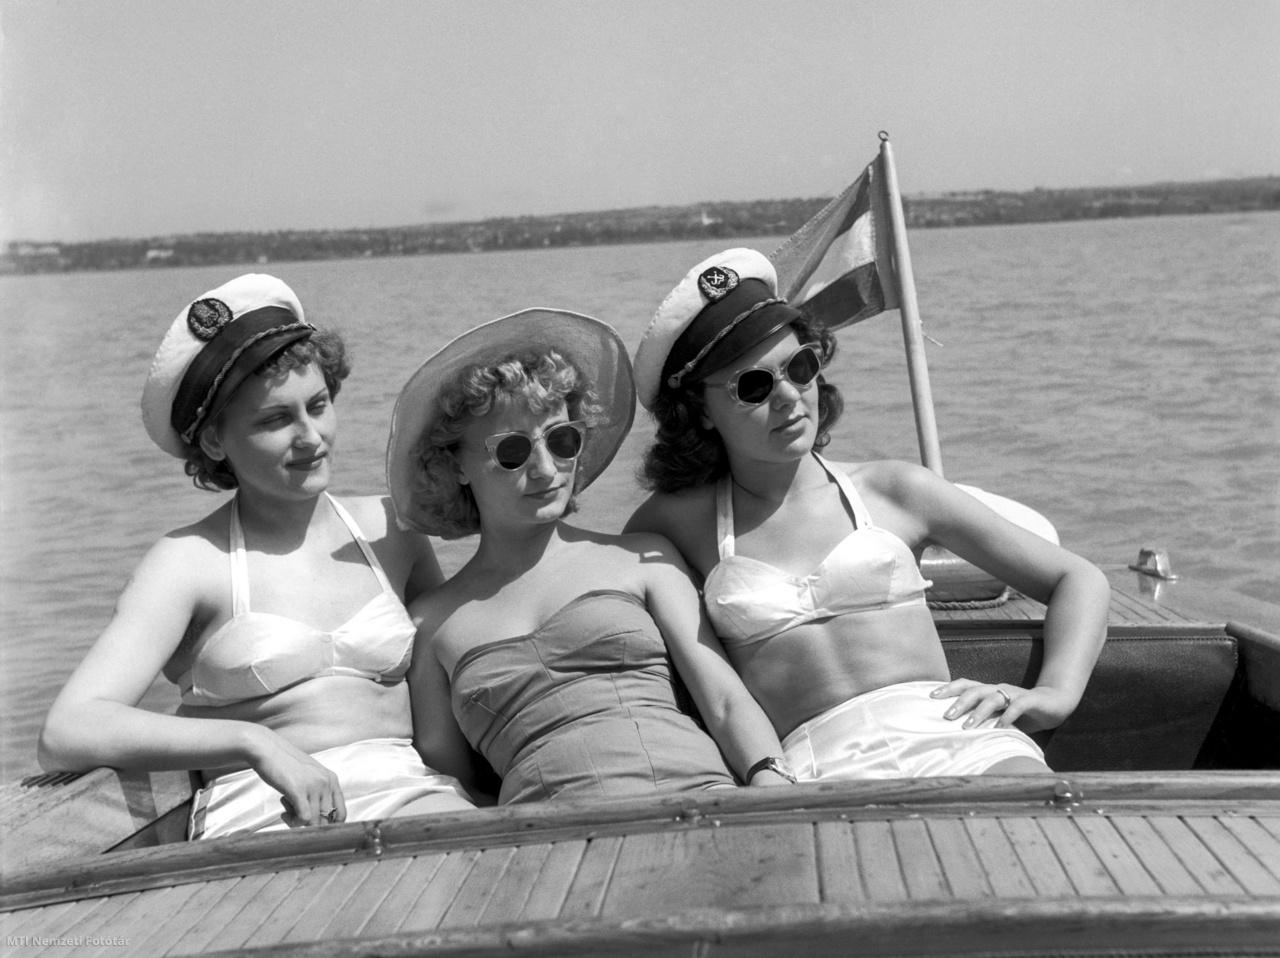 Fürdőruhás nők napoznak a Liliom Szálló hajójának fedélzetén 1957. június 17-én.